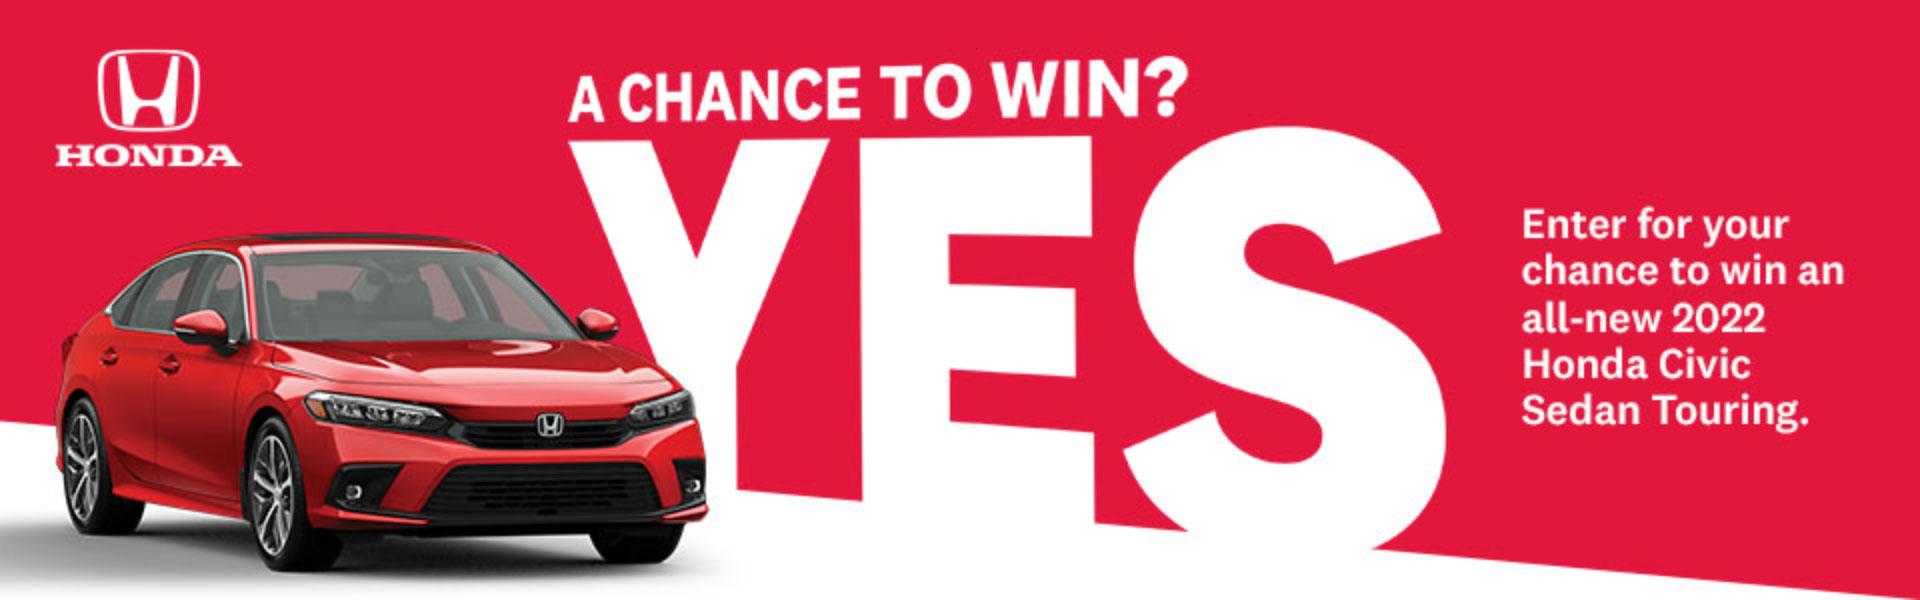 Honda Civic contest 2022-04-30